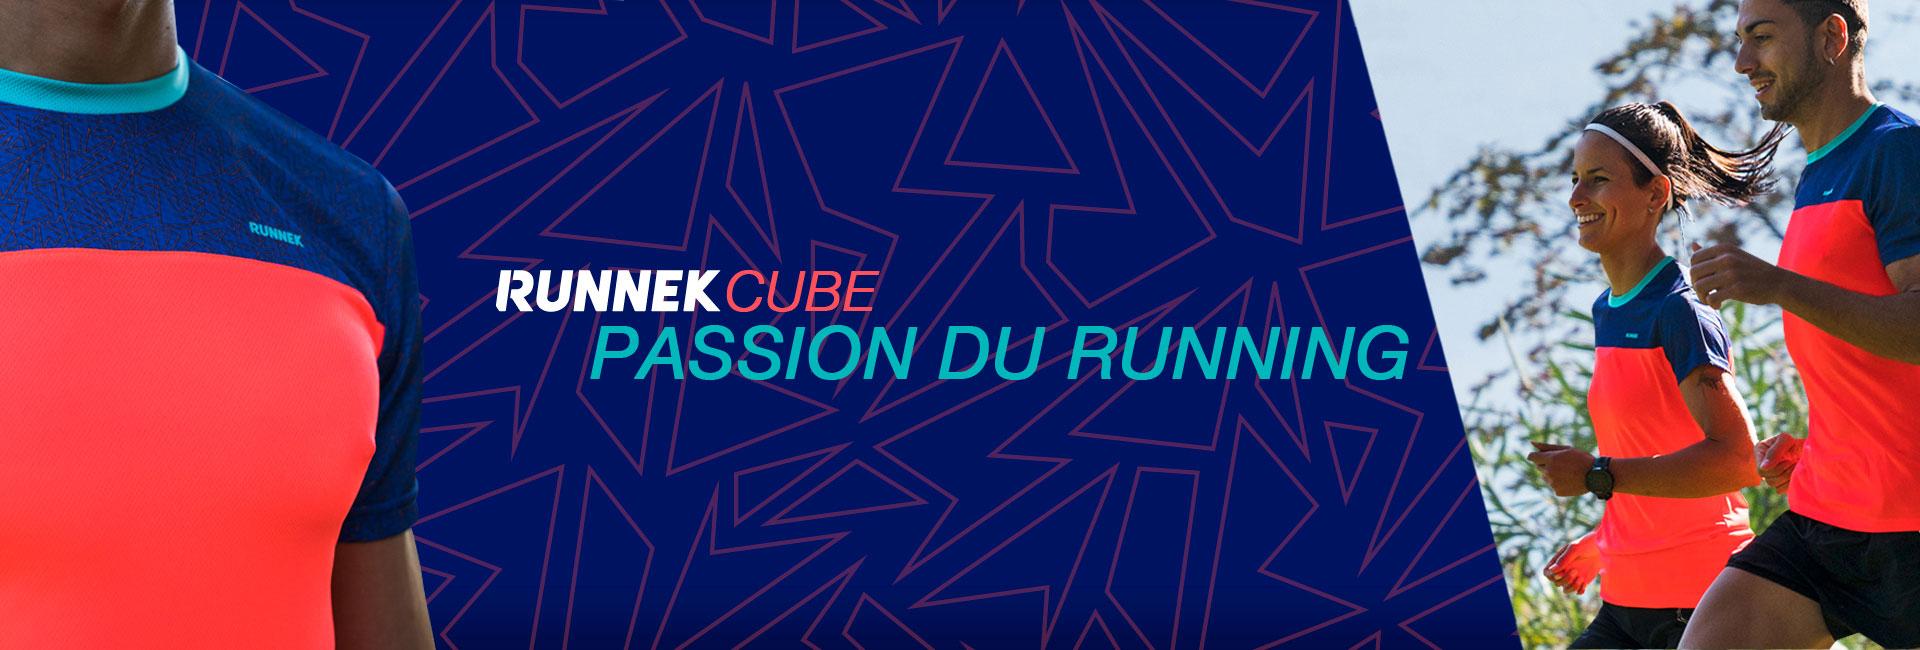 Runnek Cube